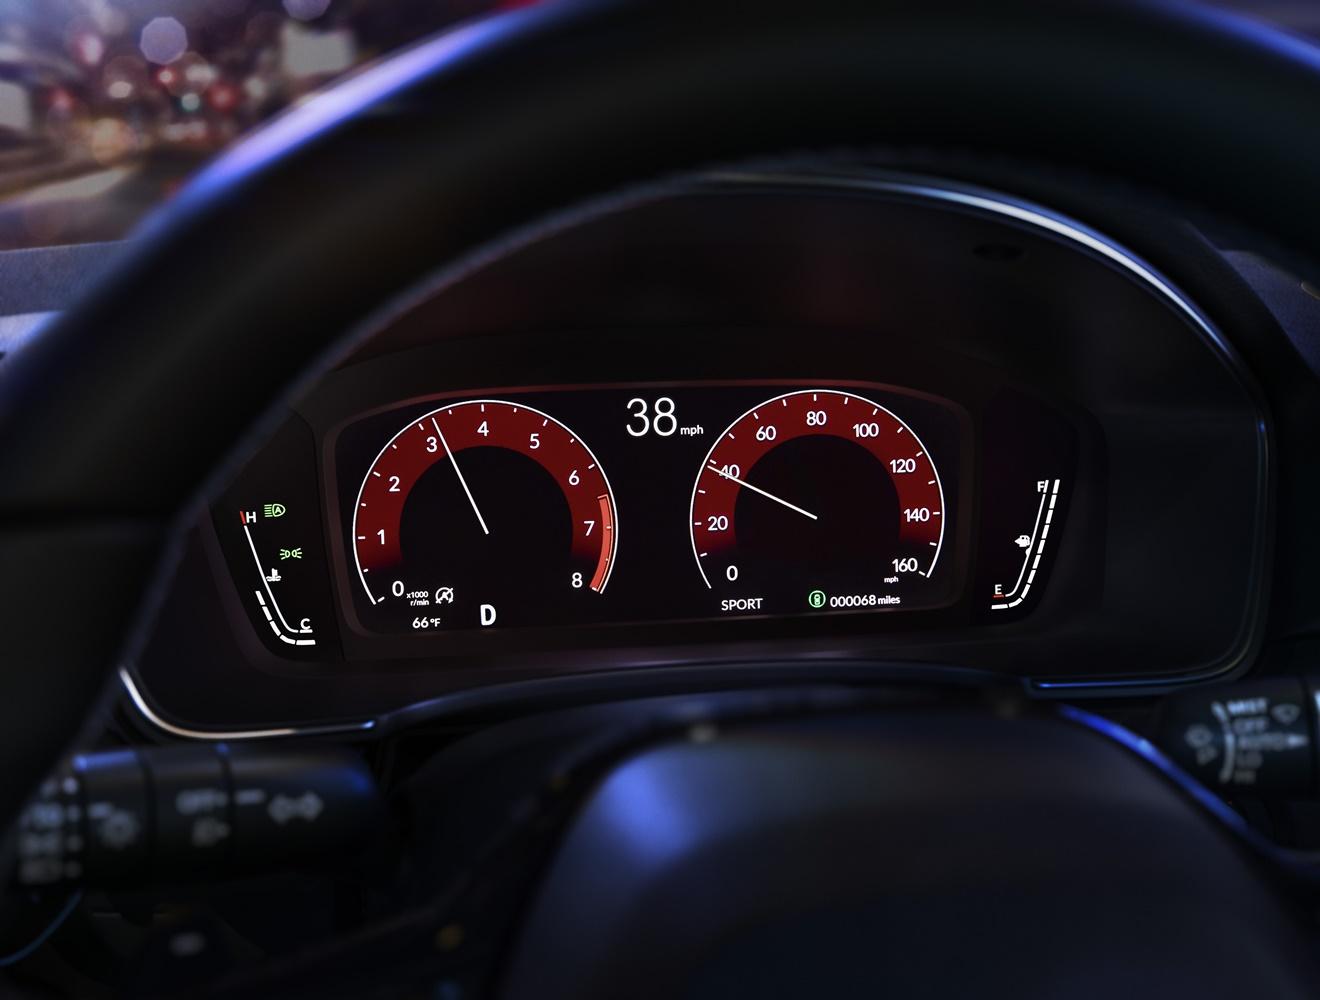 Novo Honda Civic 2022 (18)